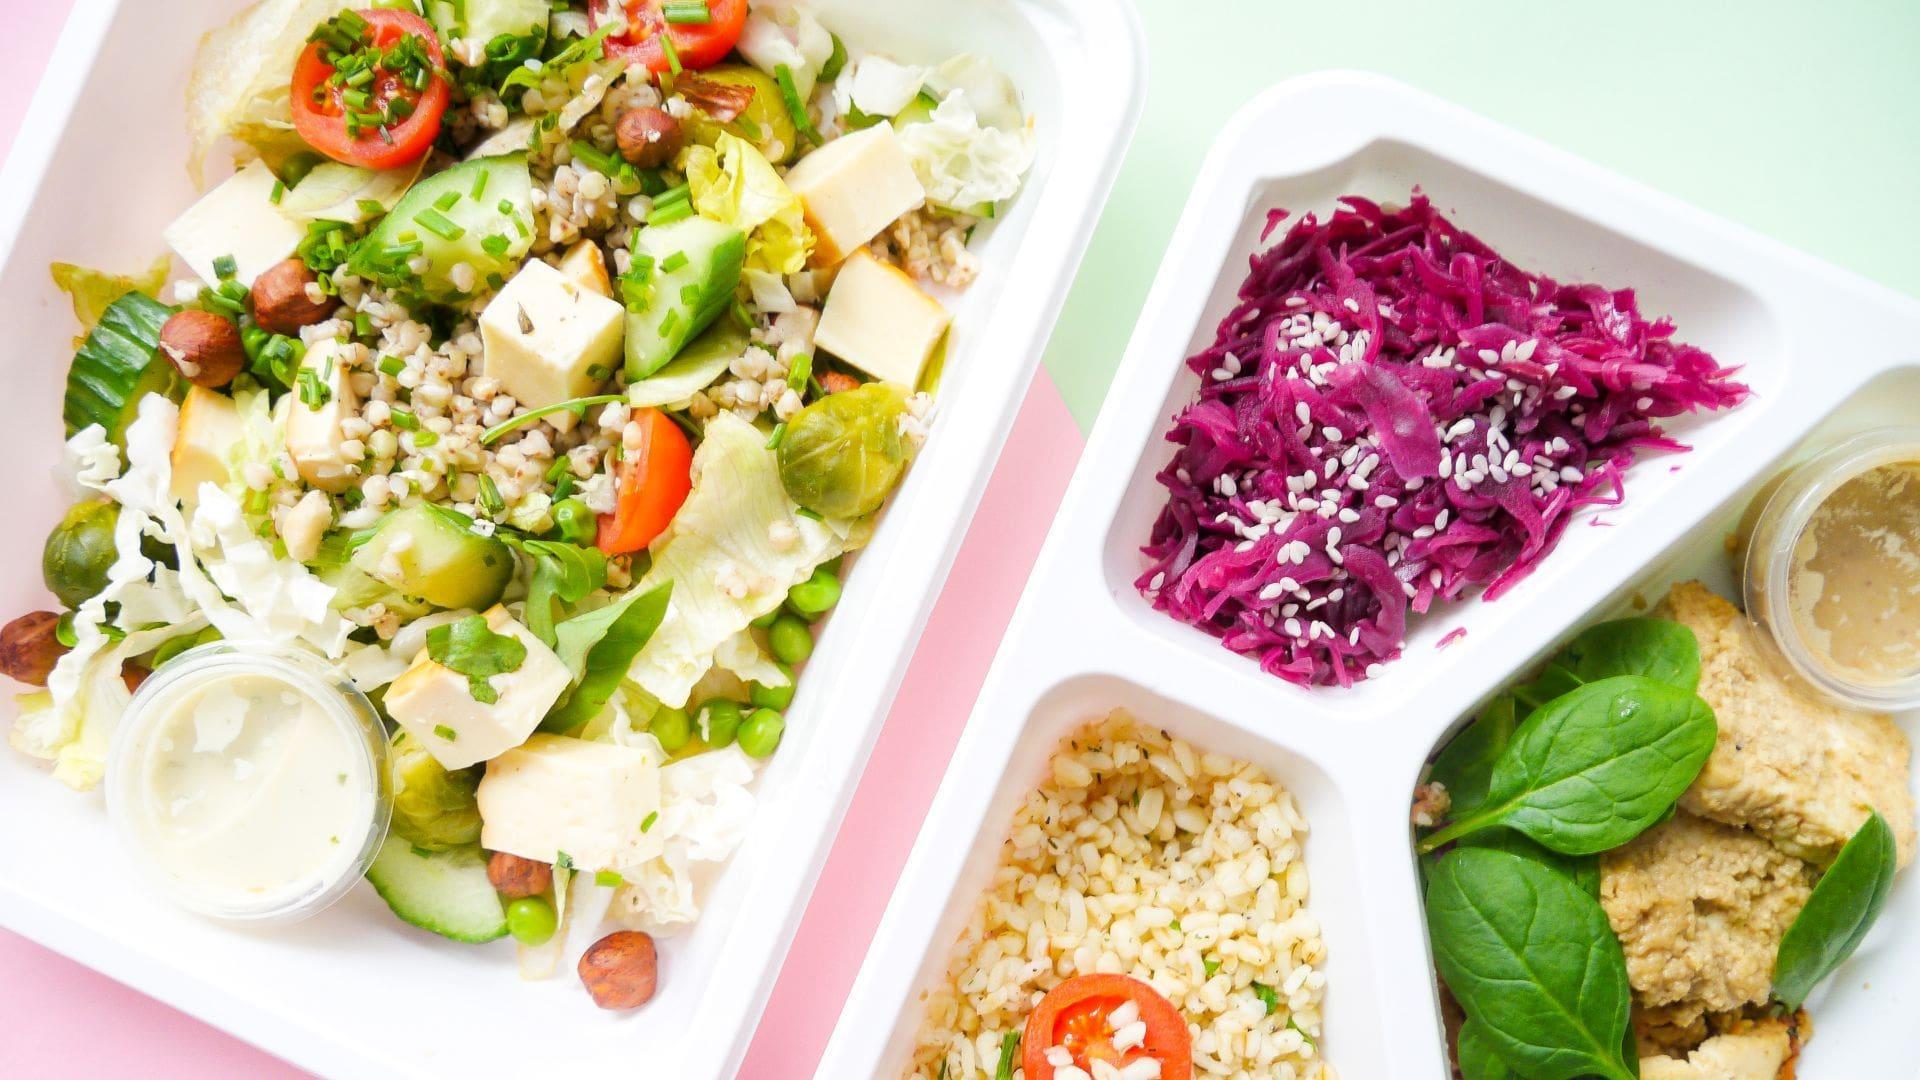 ile kosztuje dieta pudełkowa i co wpływa na jej cenę?